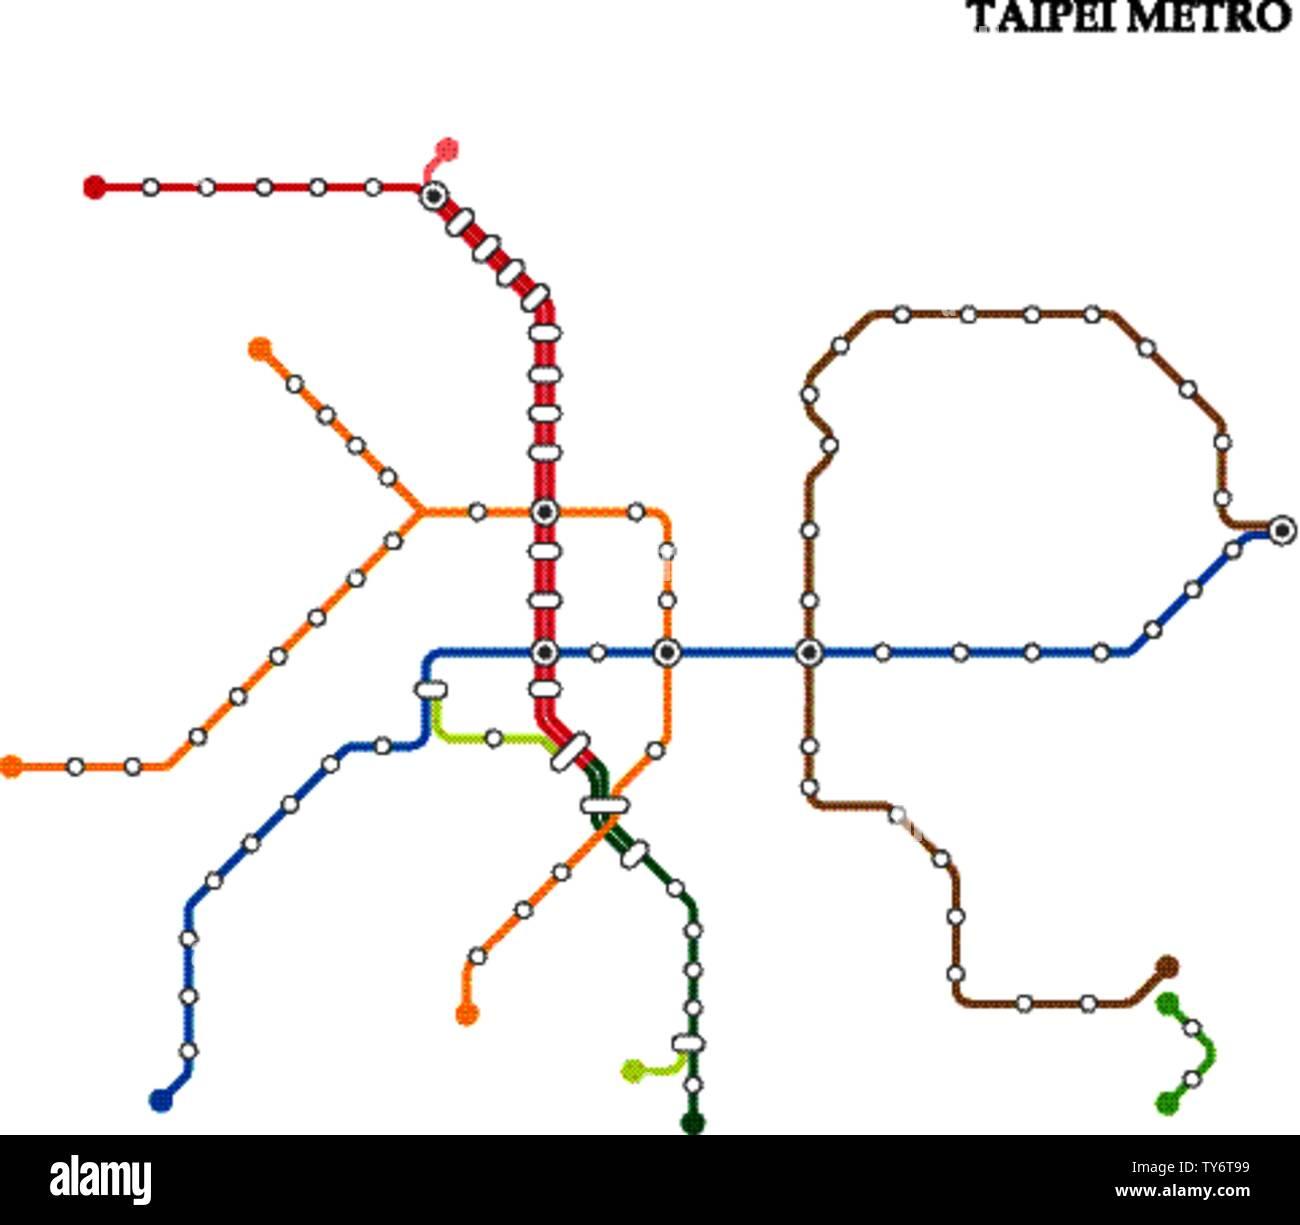 Subway Map Taipei.Map Of The Taipei Metro Subway Template Of City Transportation